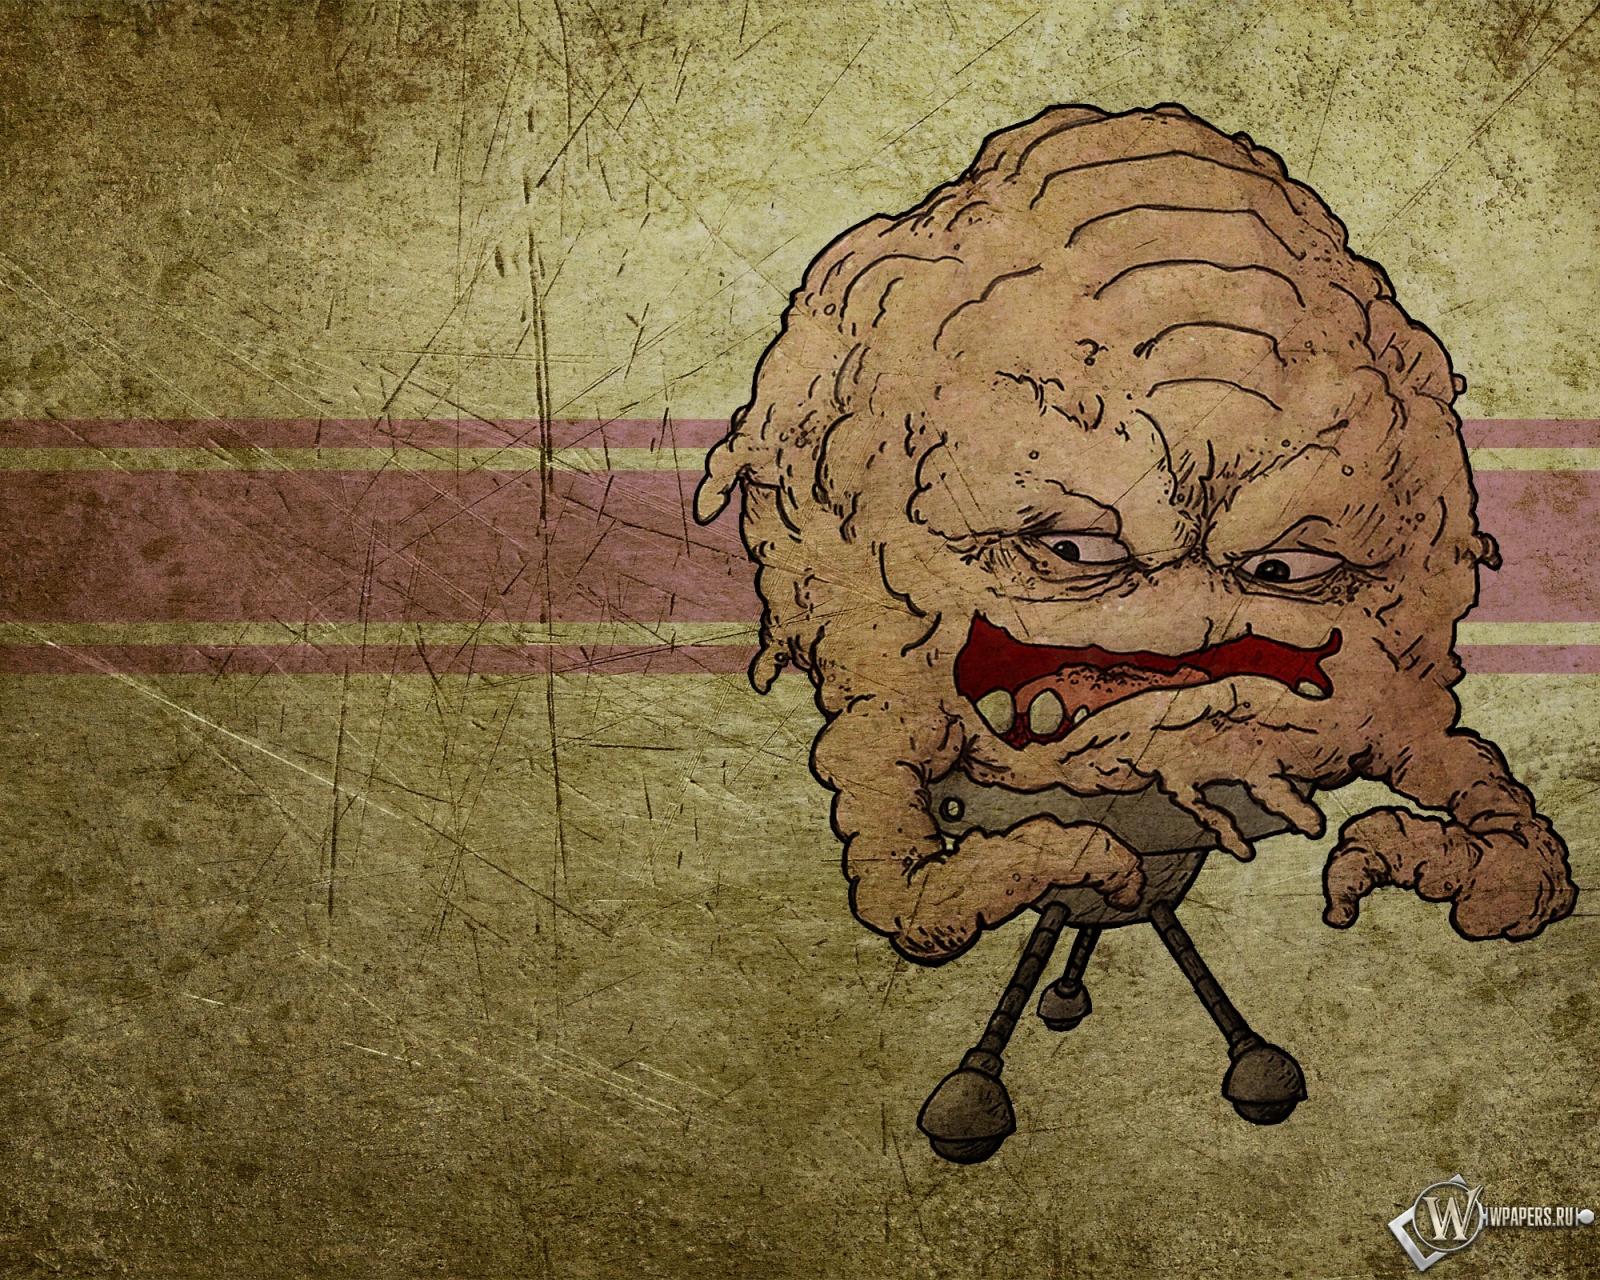 Обои кранг мультфильм черепашки